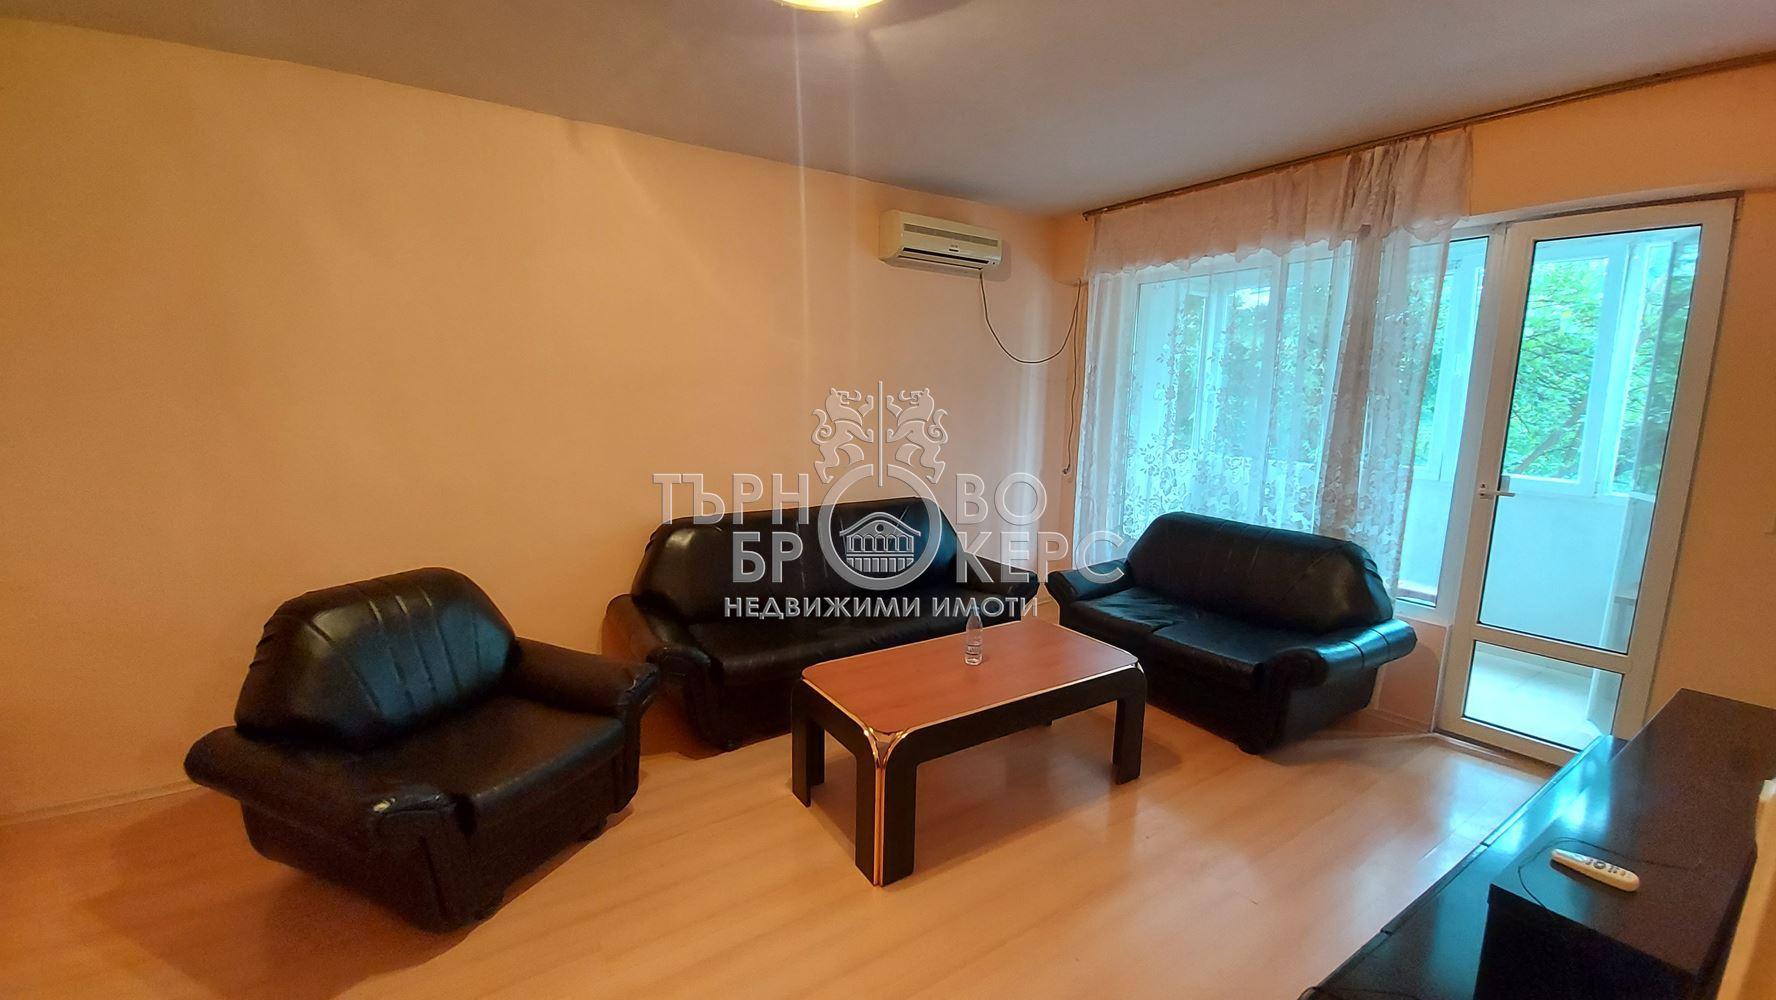 Двустаен апартамент  във  Велико Търново за 300лв - двустаен